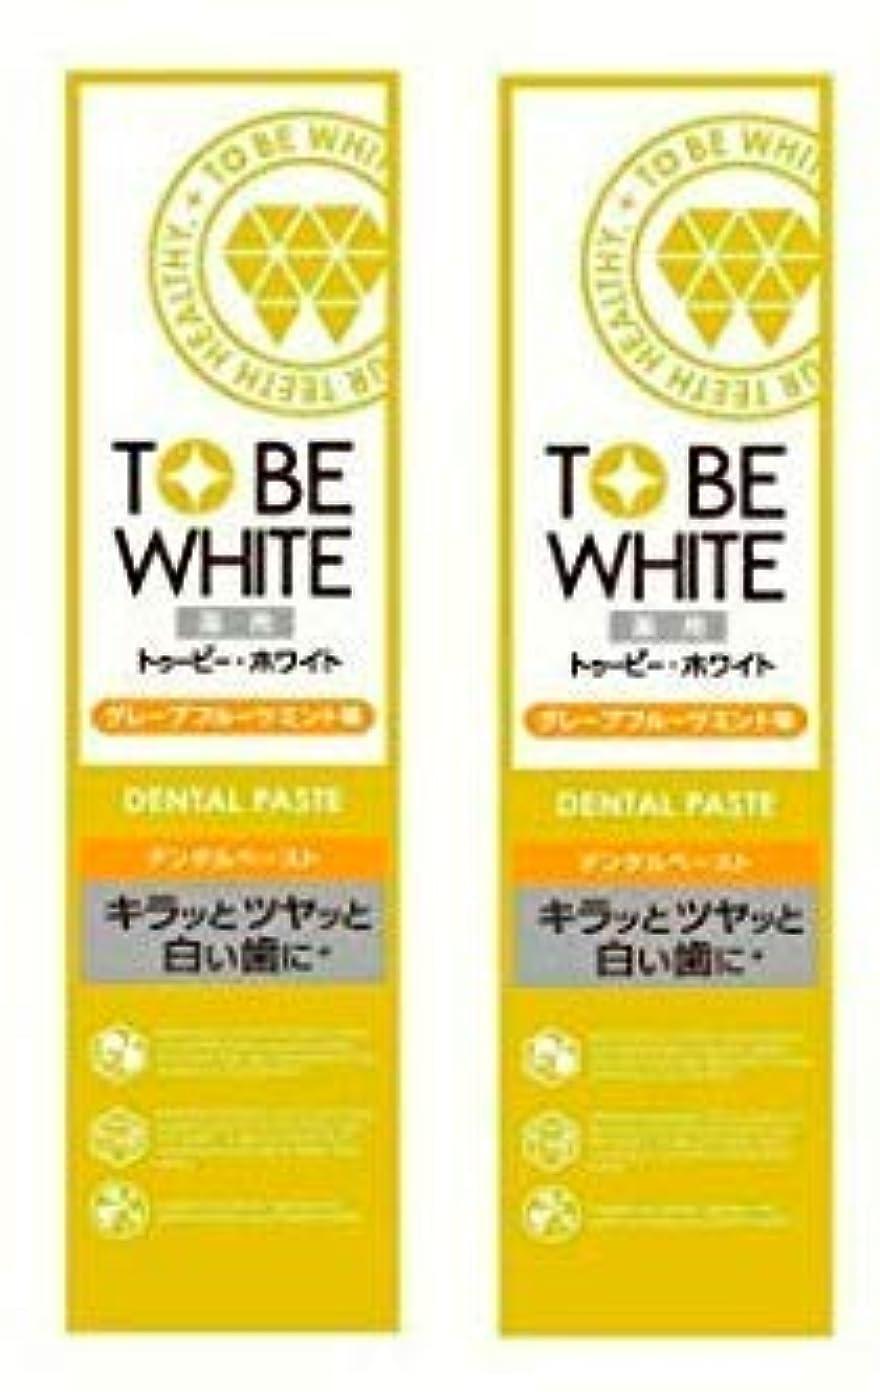 挨拶滅びるハウス【お買い得】トゥービー?ホワイト 薬用 ホワイトニング ハミガキ粉 グレープフルーツミント 味 60g×2個セット